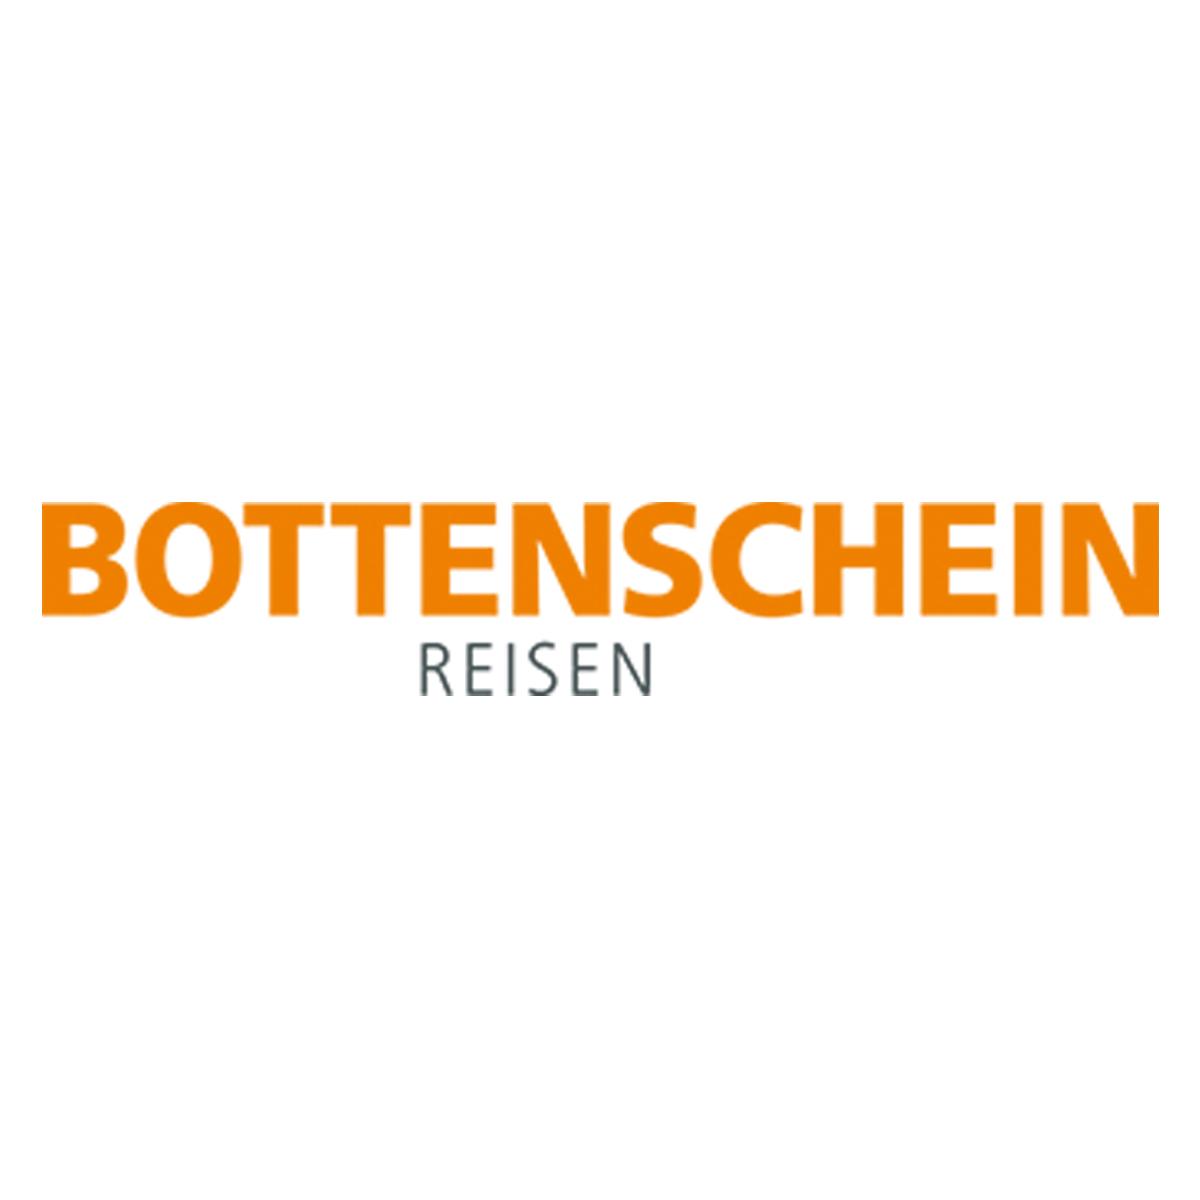 Bottenschein Reisen GmbH & Co. KG